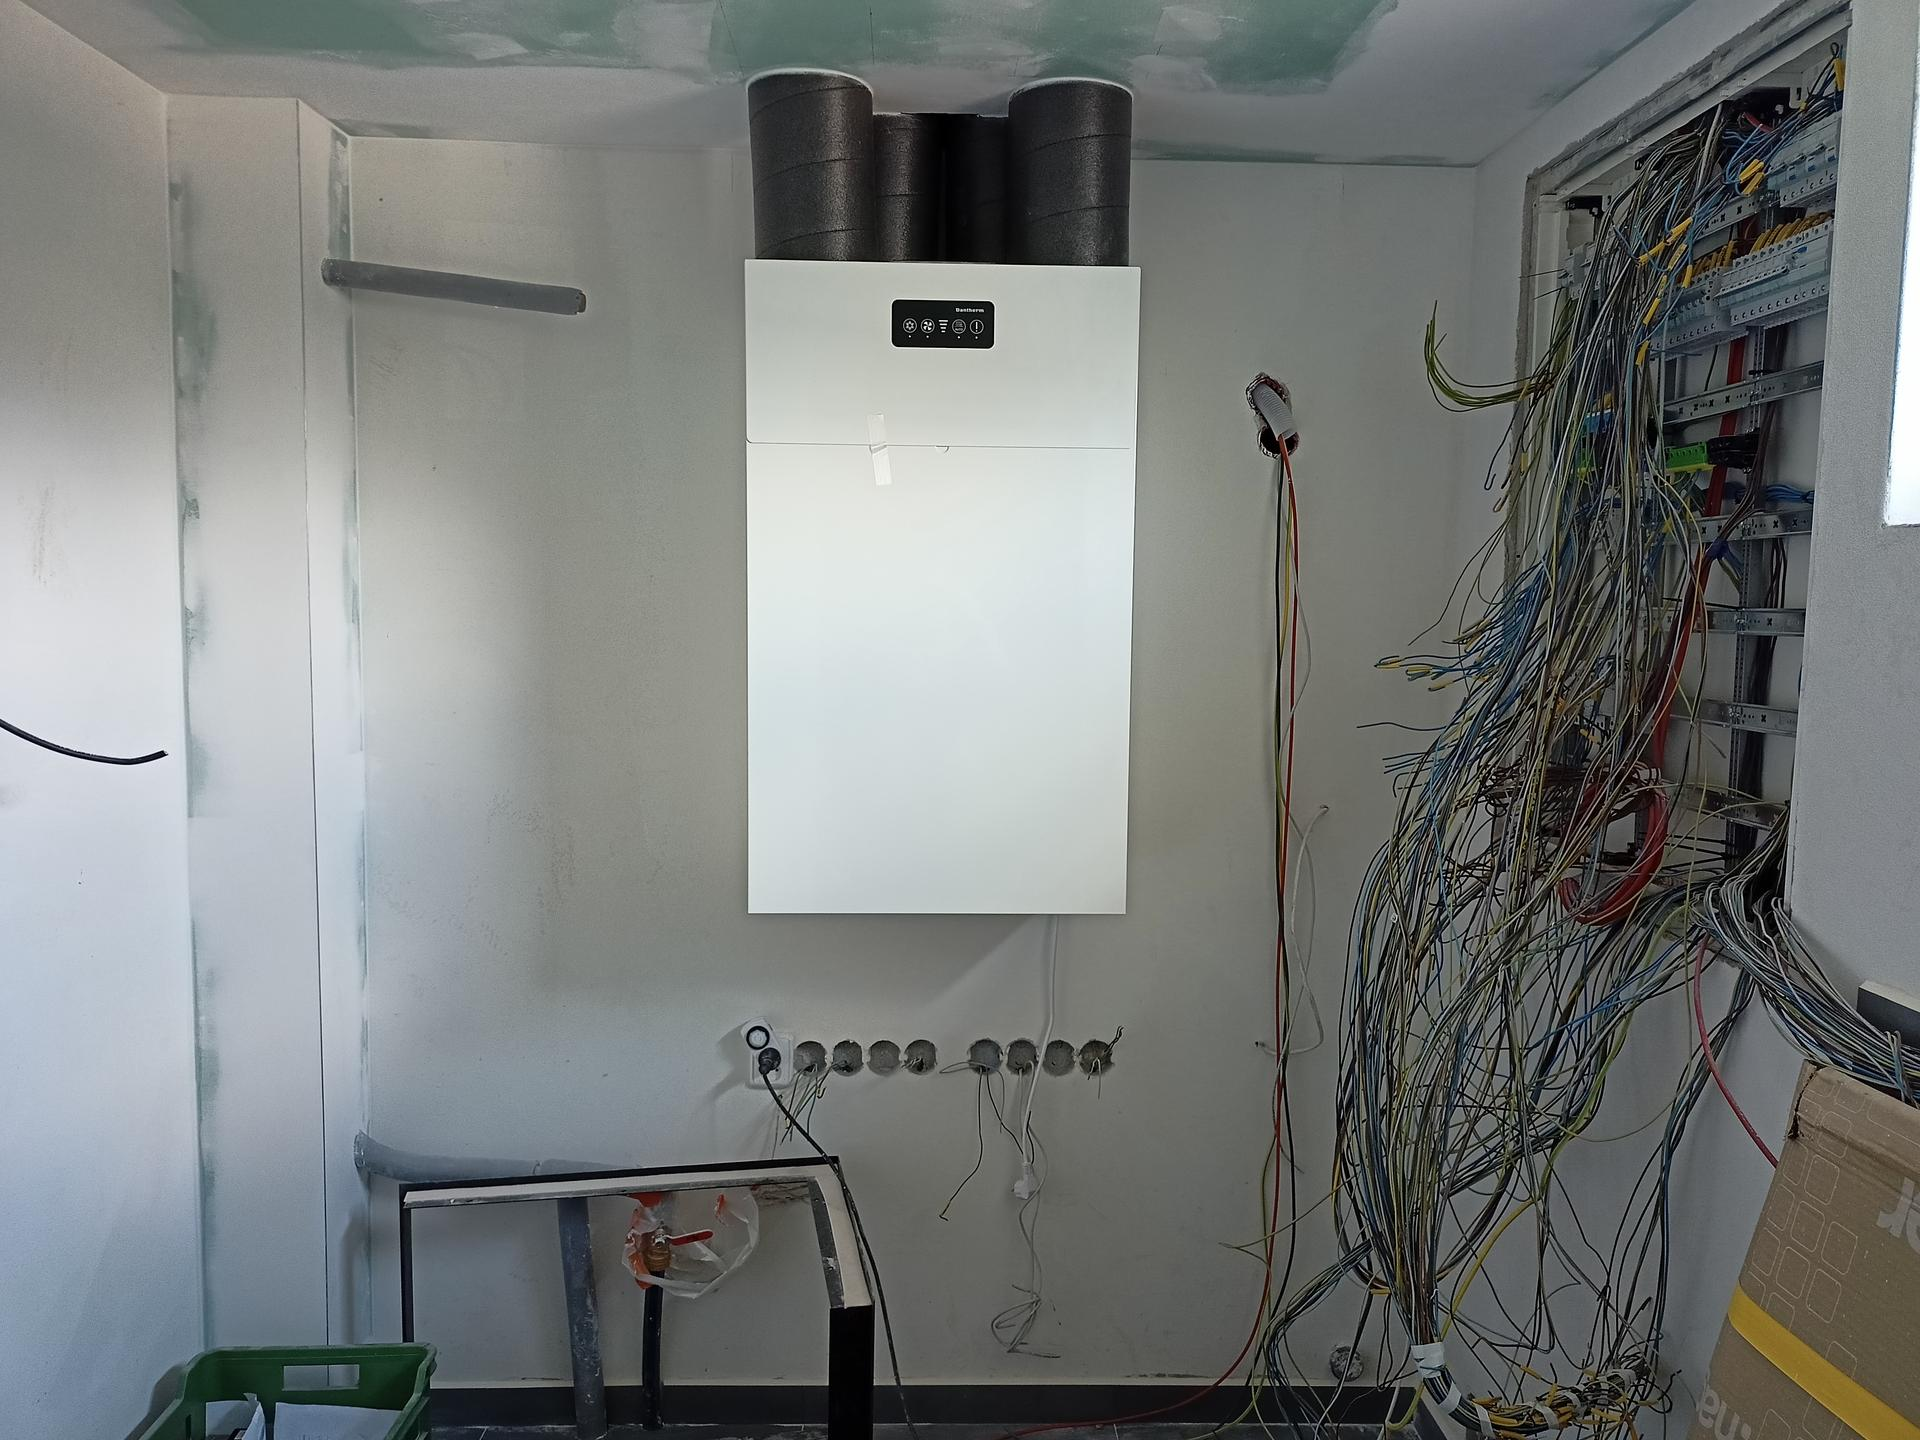 Naše doma - Technicka místnost - rekuperační jednotka a pořád bambilion kabelů